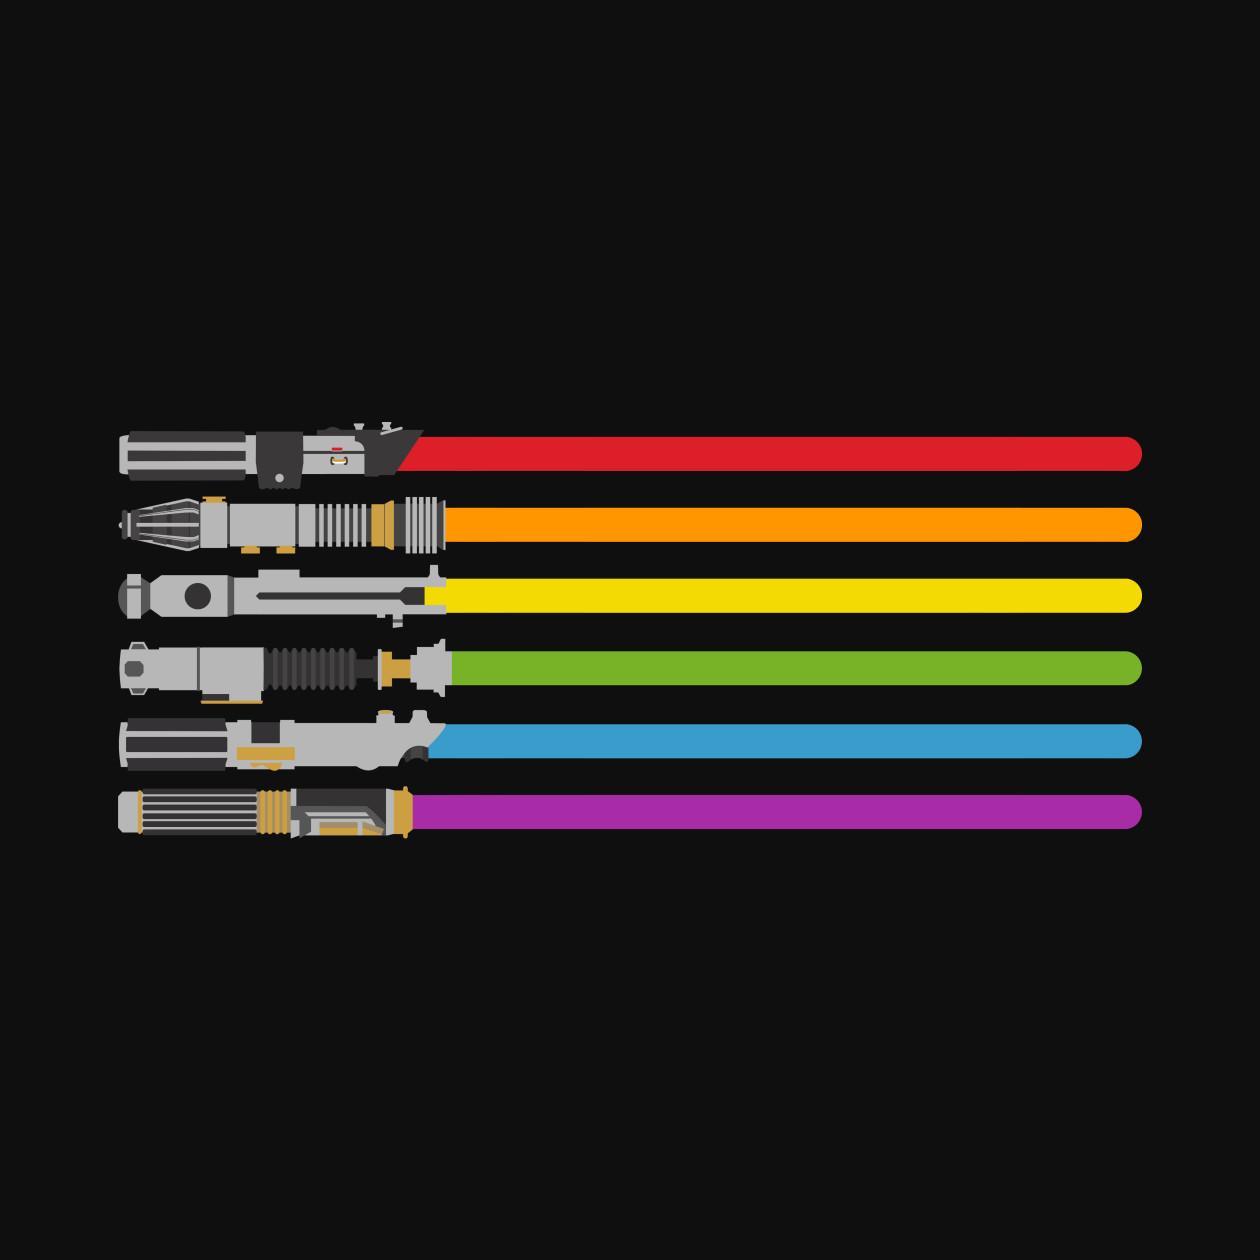 lightsaber rainbow